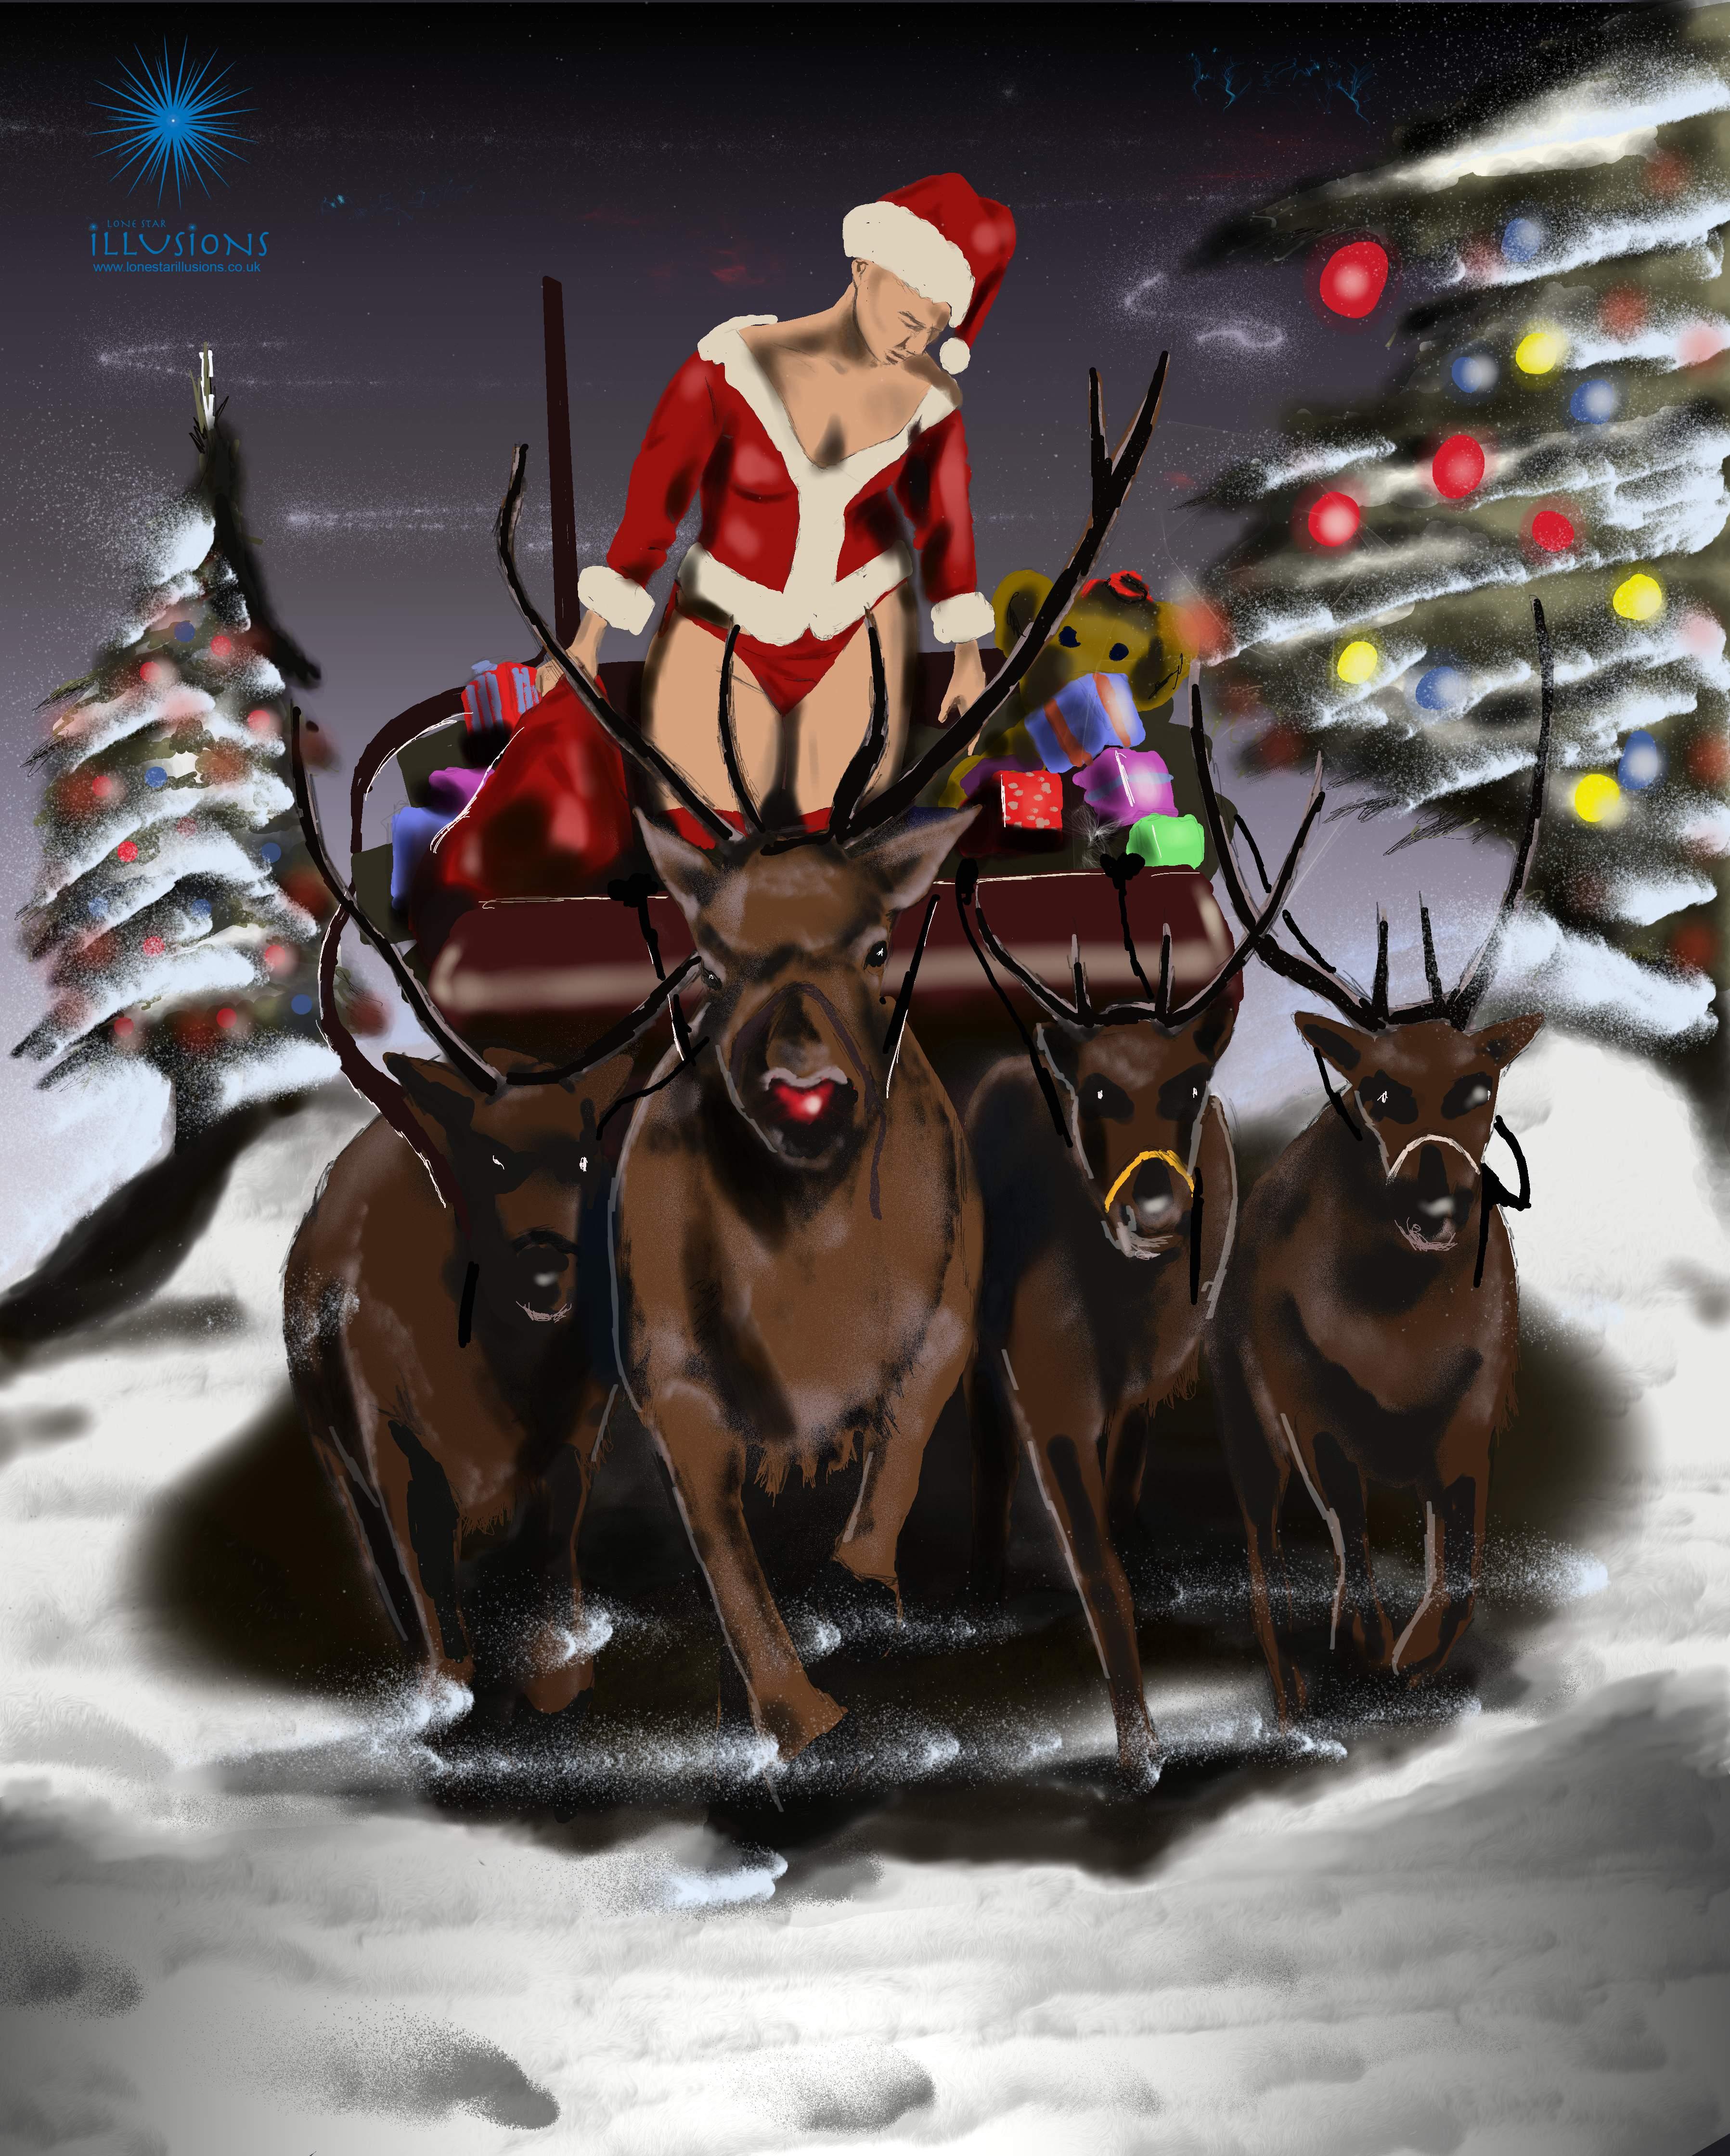 mrs christmas art, naughty christmas art, adult christmas illustration, porngraphic christmas illustrations, digital illustrations, rudolph the red nosed reindeer, mrs christmas illustration